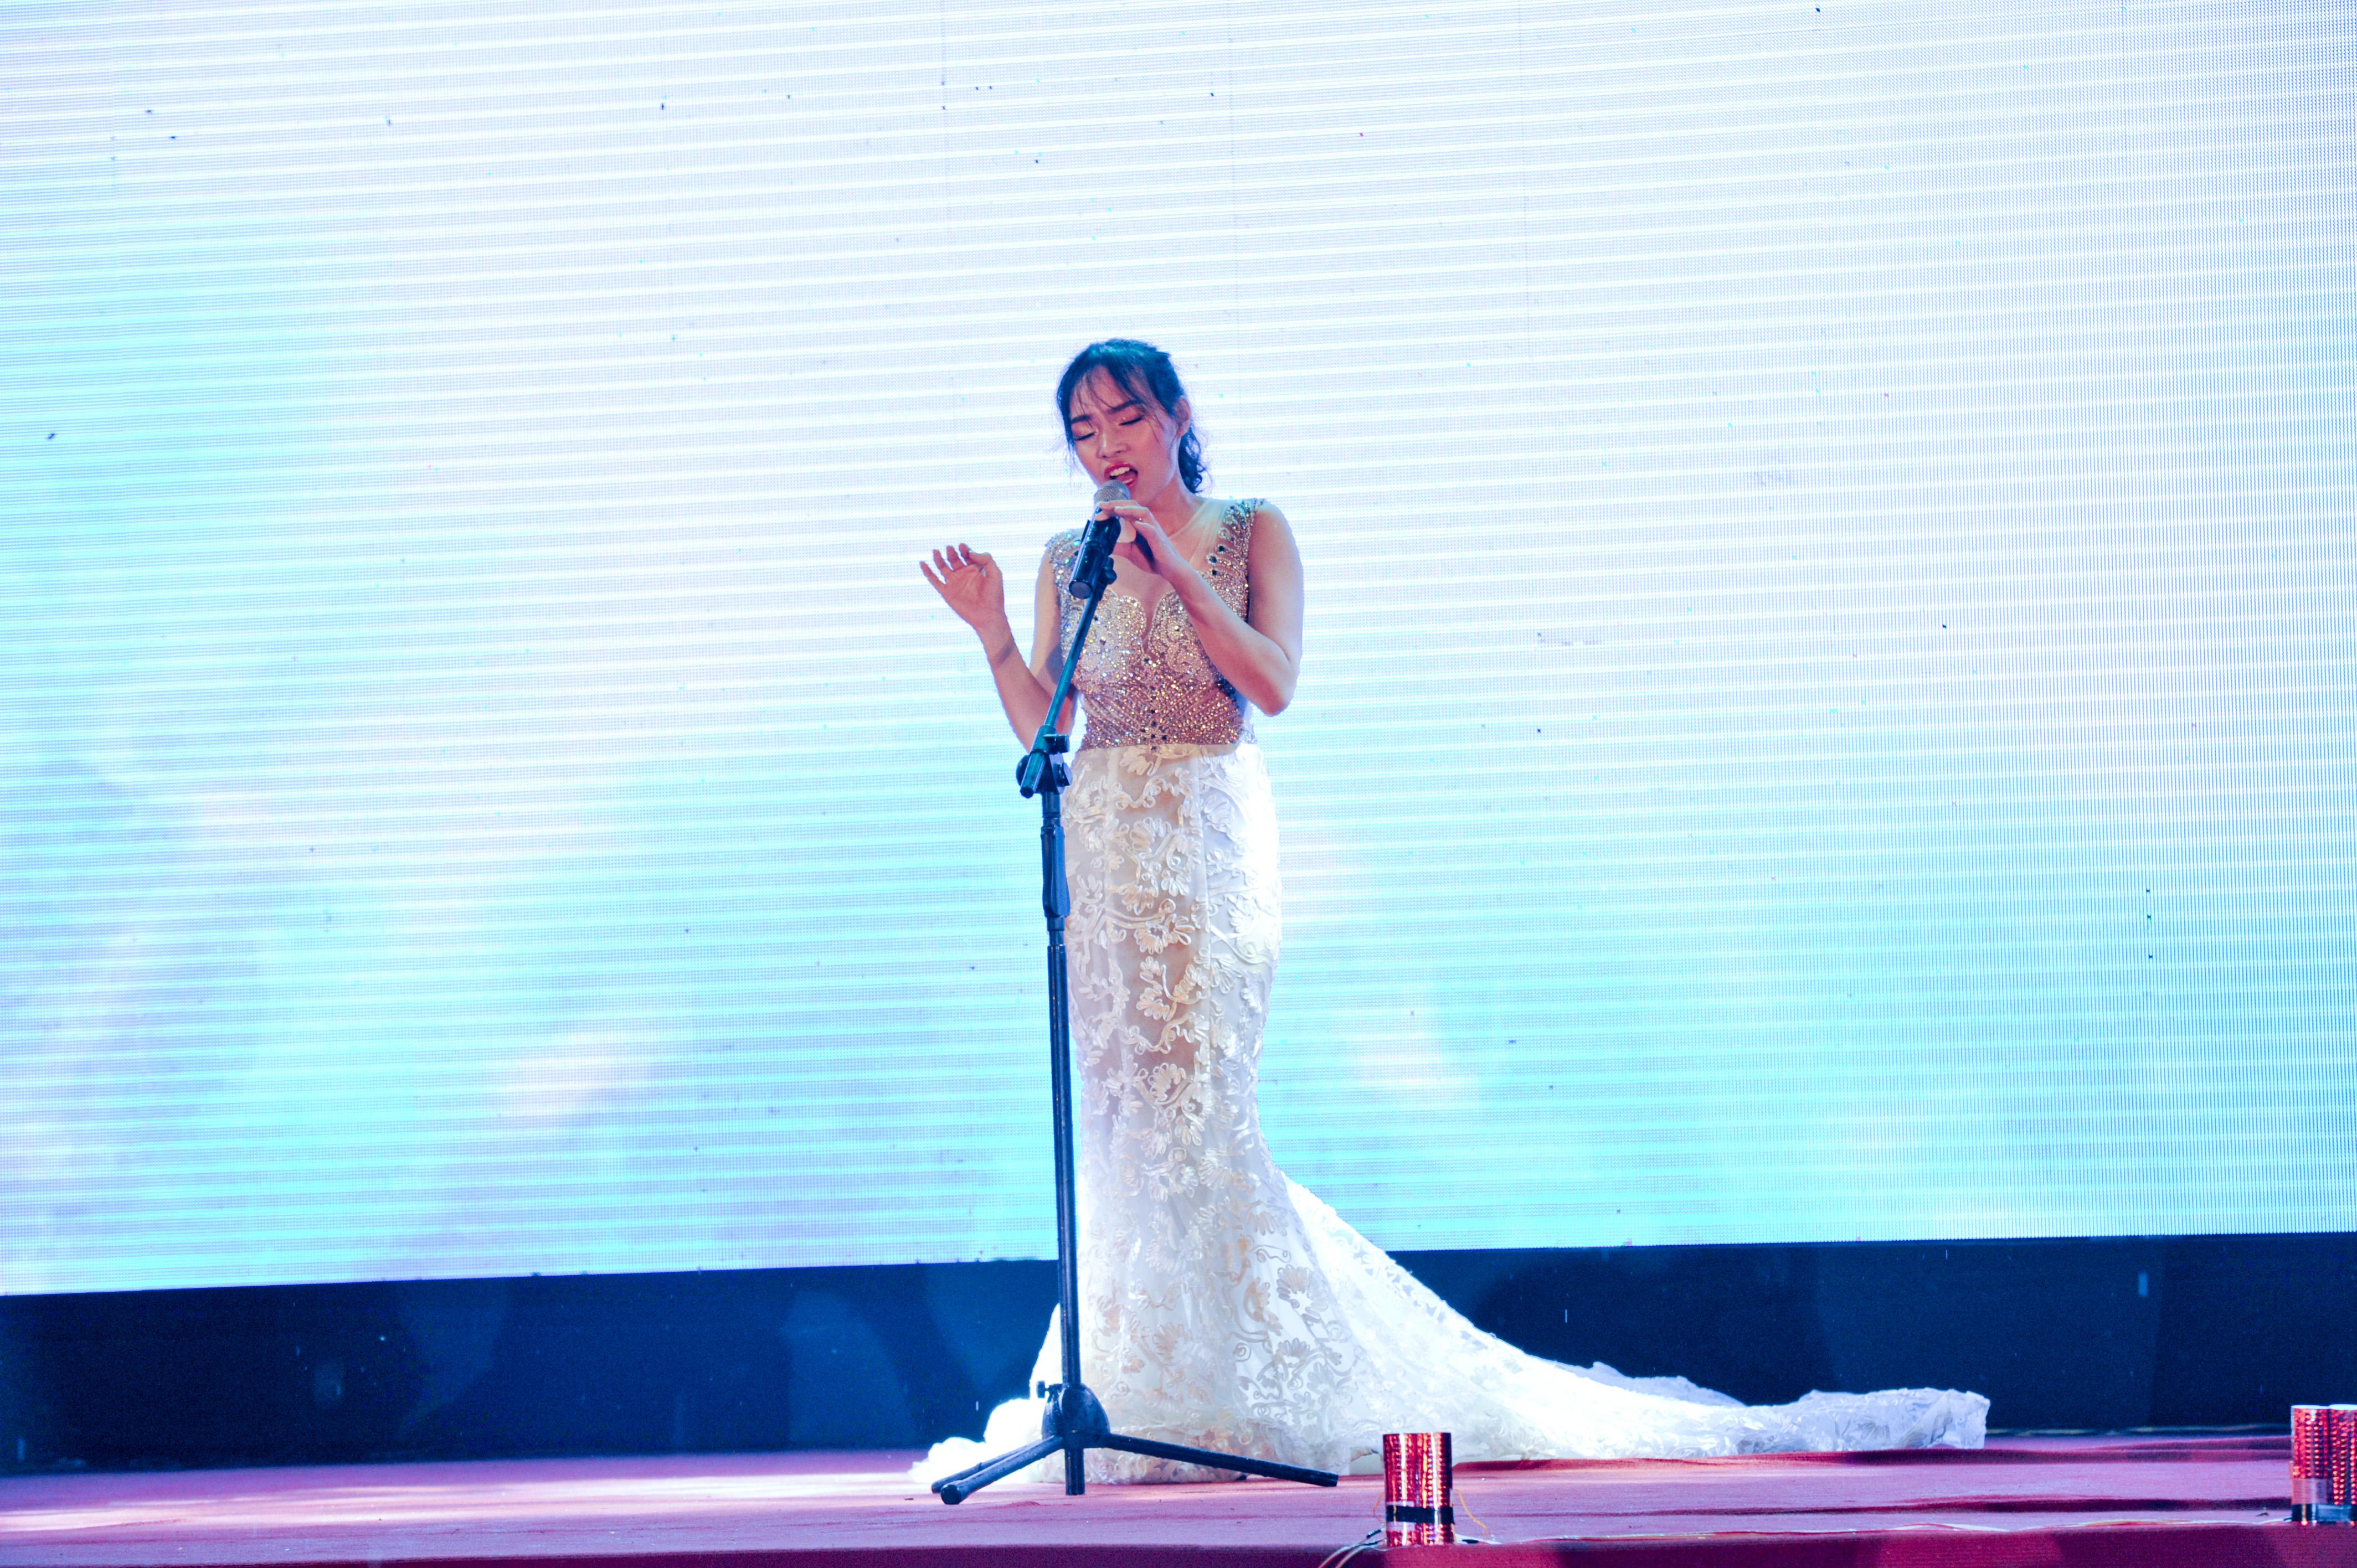 """Lương Đặng Khánh Lưu khiến không khí lắng lại với bản hit """"Chandelier"""" của nữ ca sĩ Sia."""